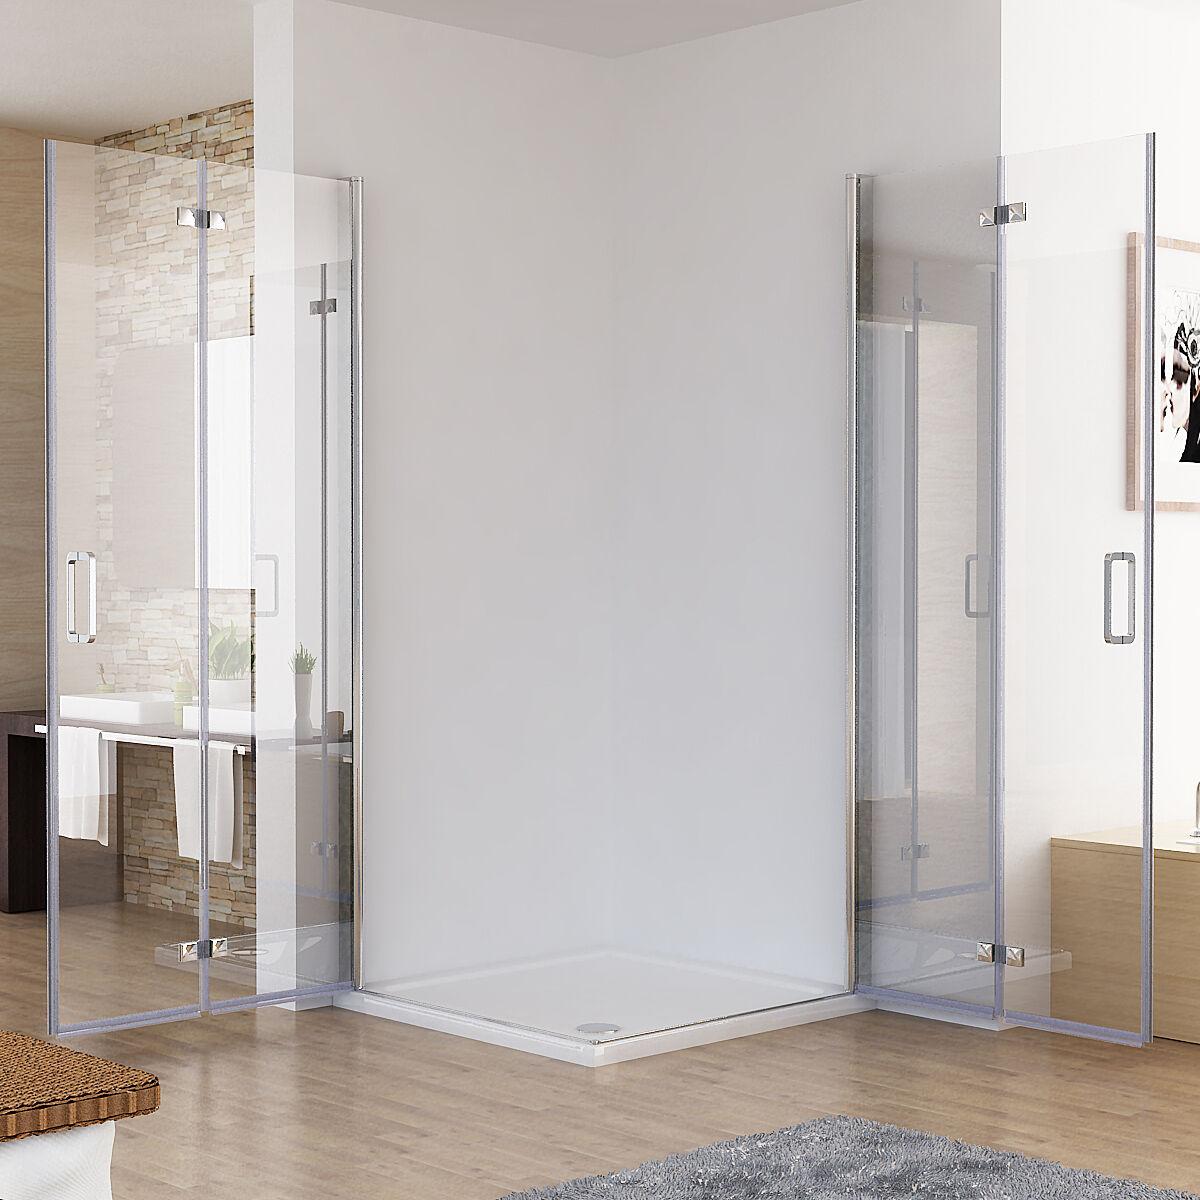 duschkabine eckeinstieg dusche faltt r duschwand duschabtrennung nano glas 195 d ebay. Black Bedroom Furniture Sets. Home Design Ideas